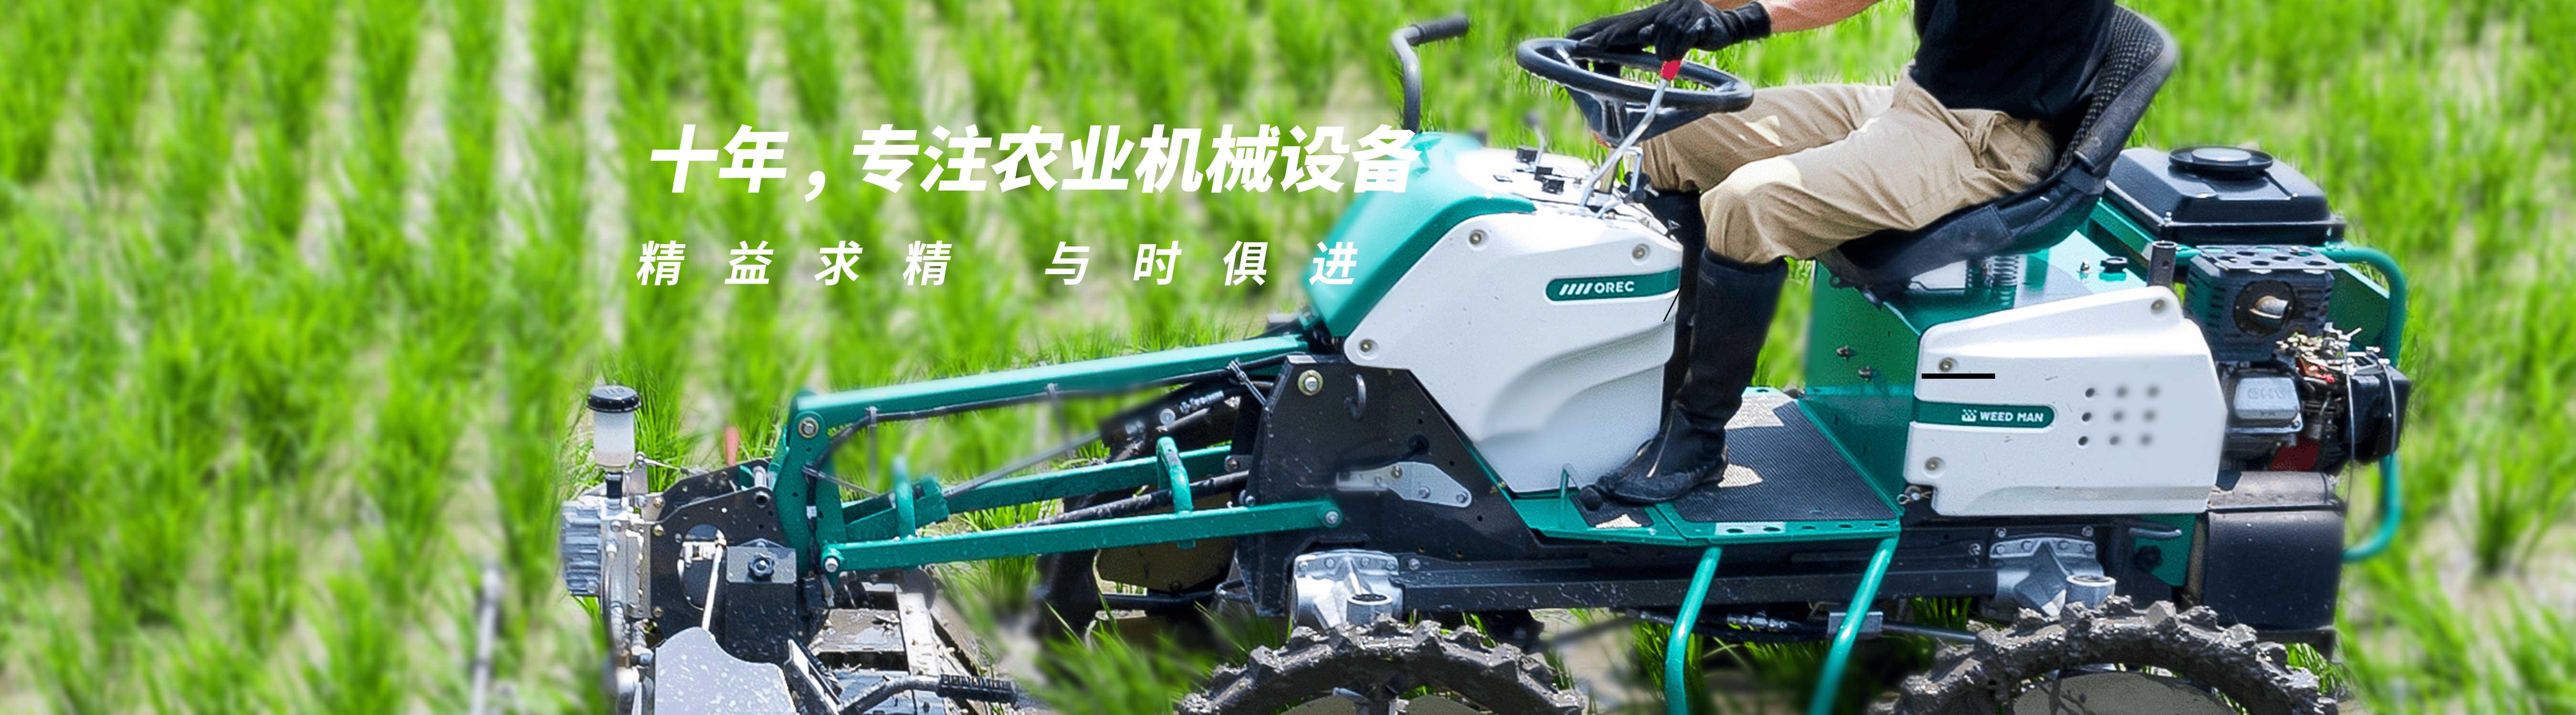 农用器械使用方法